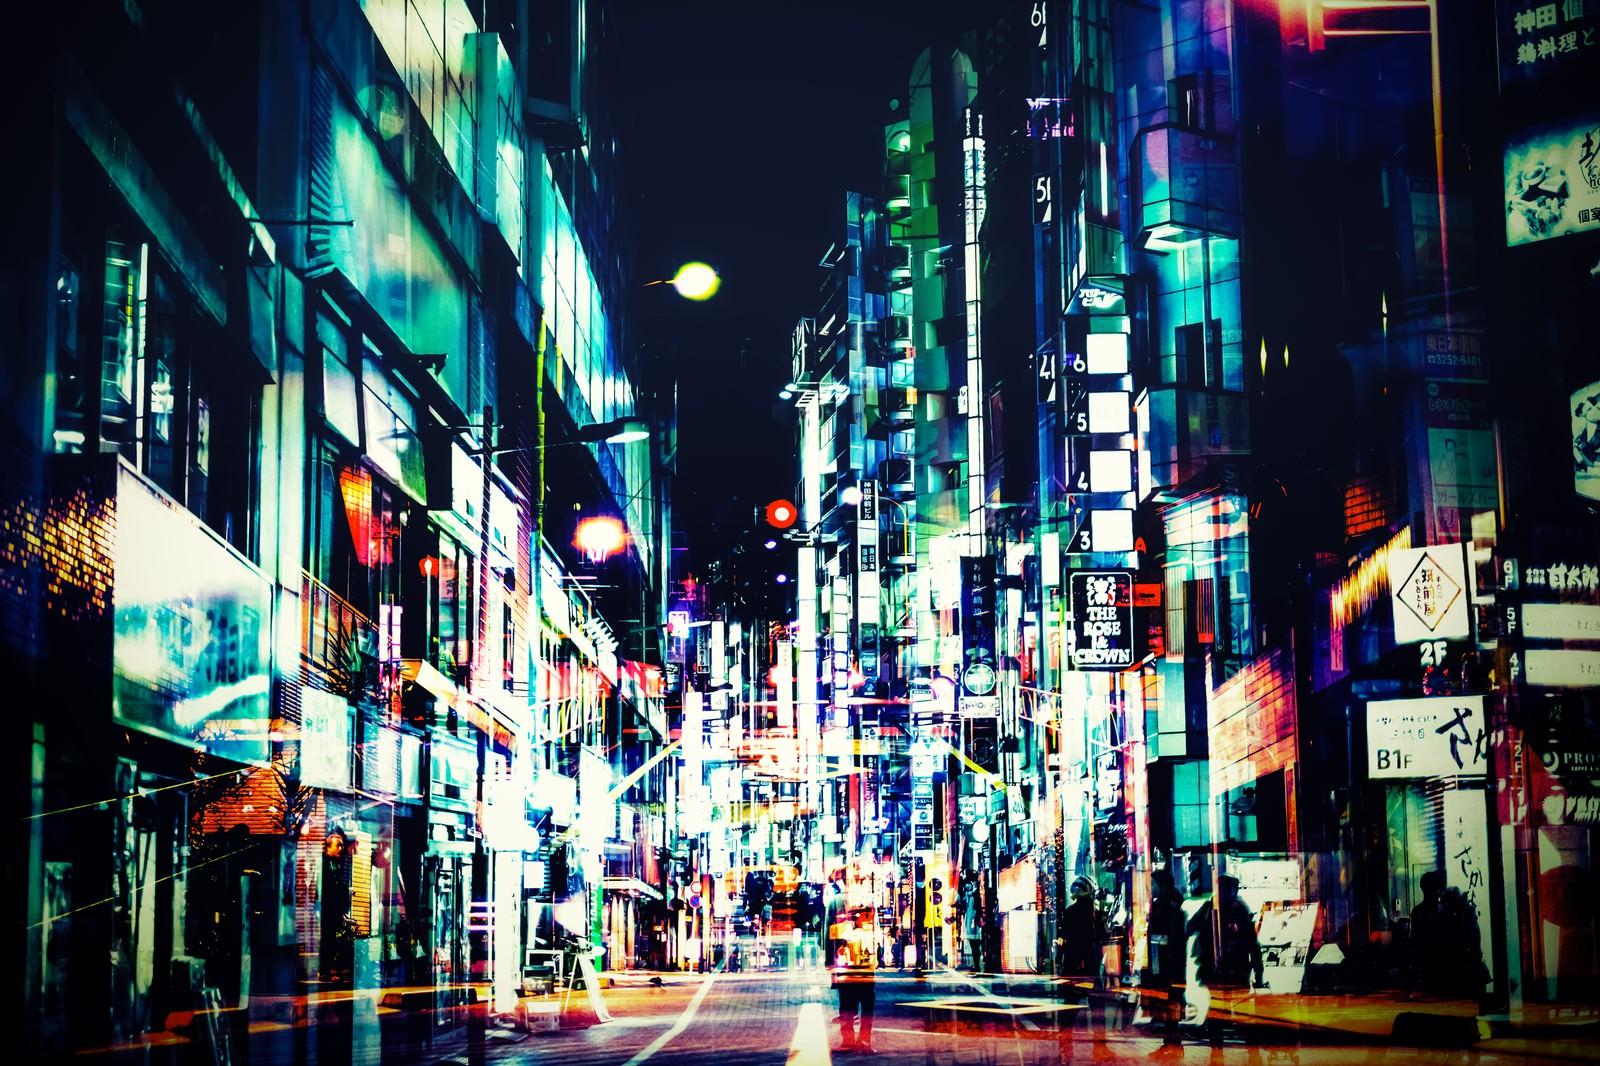 「神田の夜(フォトモンタージュ)」の写真